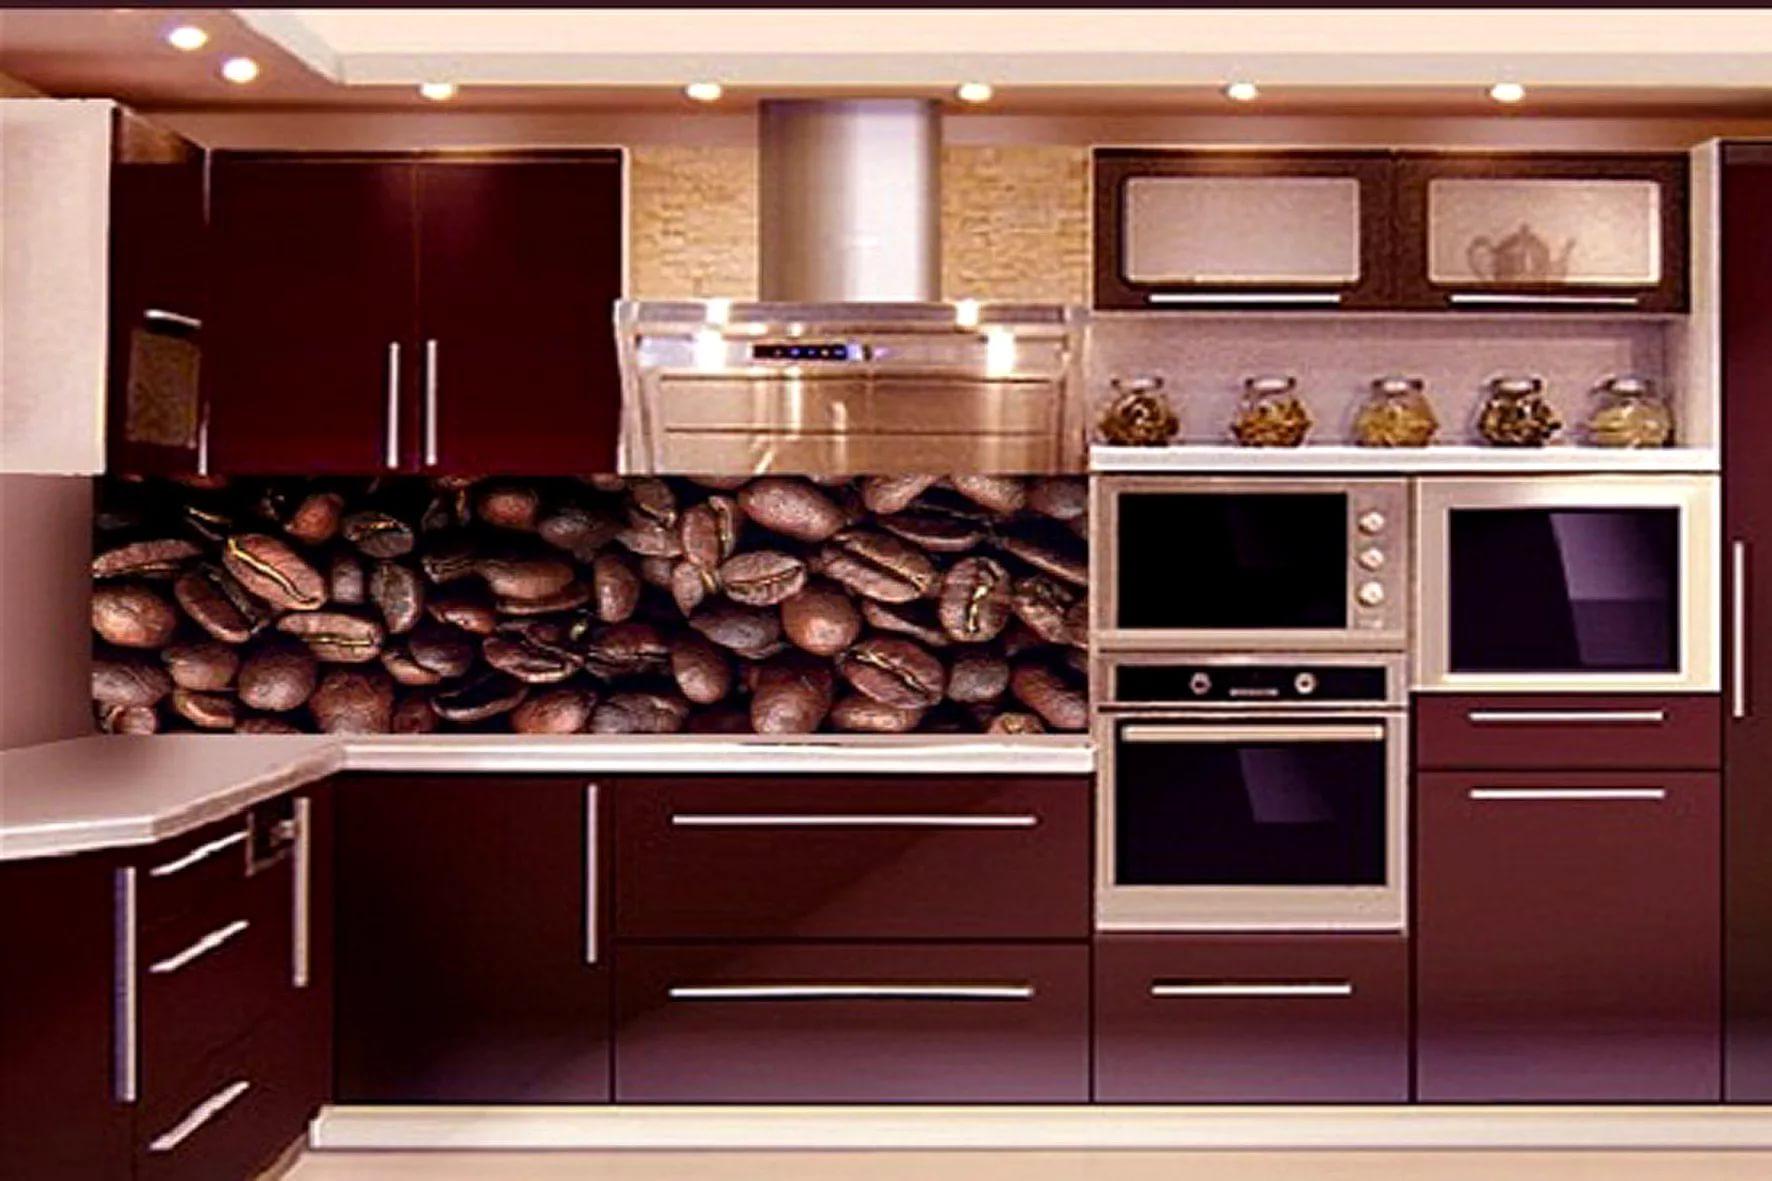 Кухонный фартук в ддизайне угловой кухни